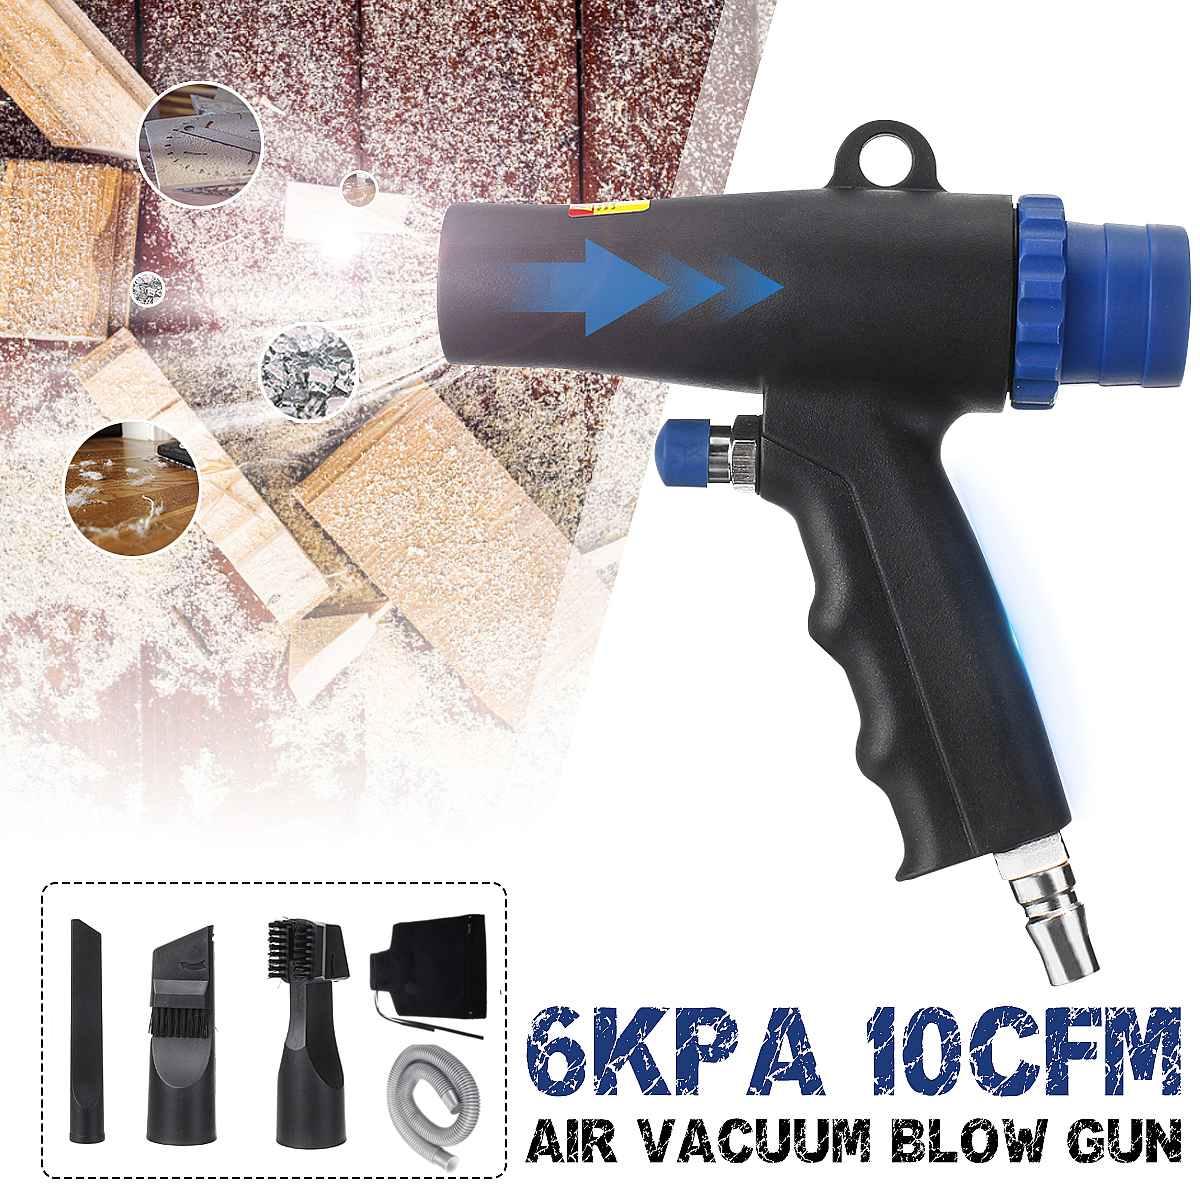 2 in 1 Air Duster Compressore Doppia Funzione di Aria di Vuoto Colpo di Aspirazione Pistole Aria Wonder Pistole Kit Pneumatico di Vuoto Più Pulito strumento